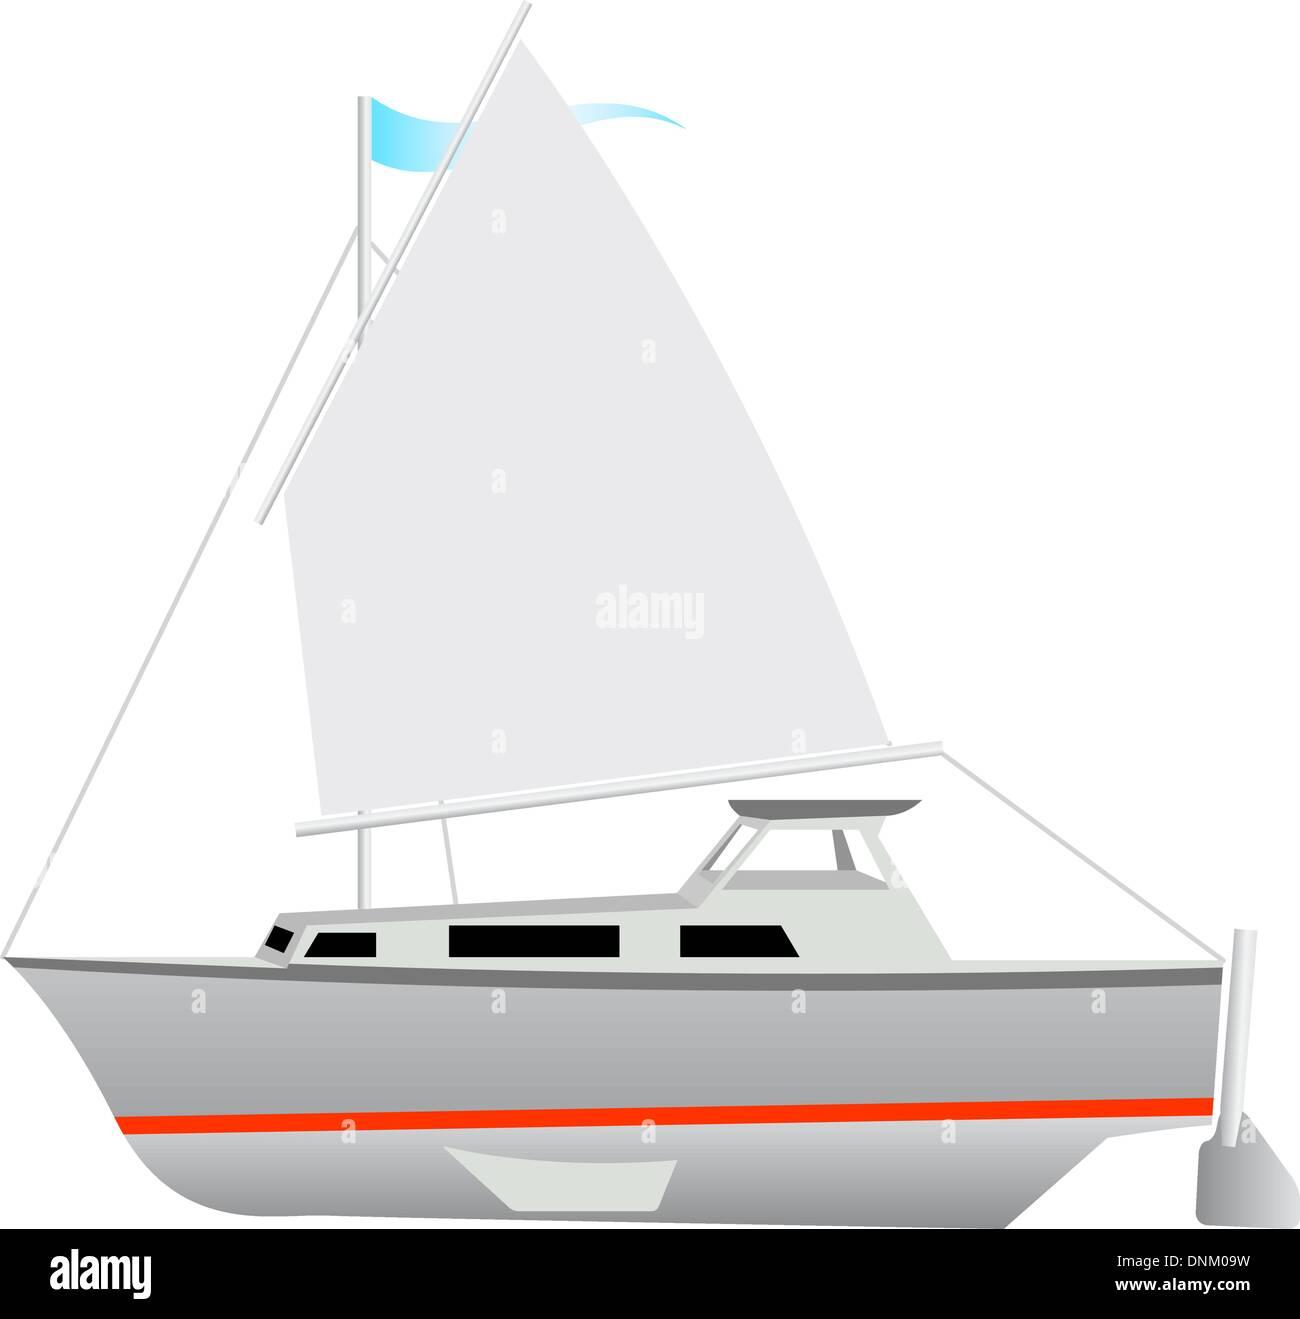 Bateau à voile flottant. Vector illustration. Photo Stock